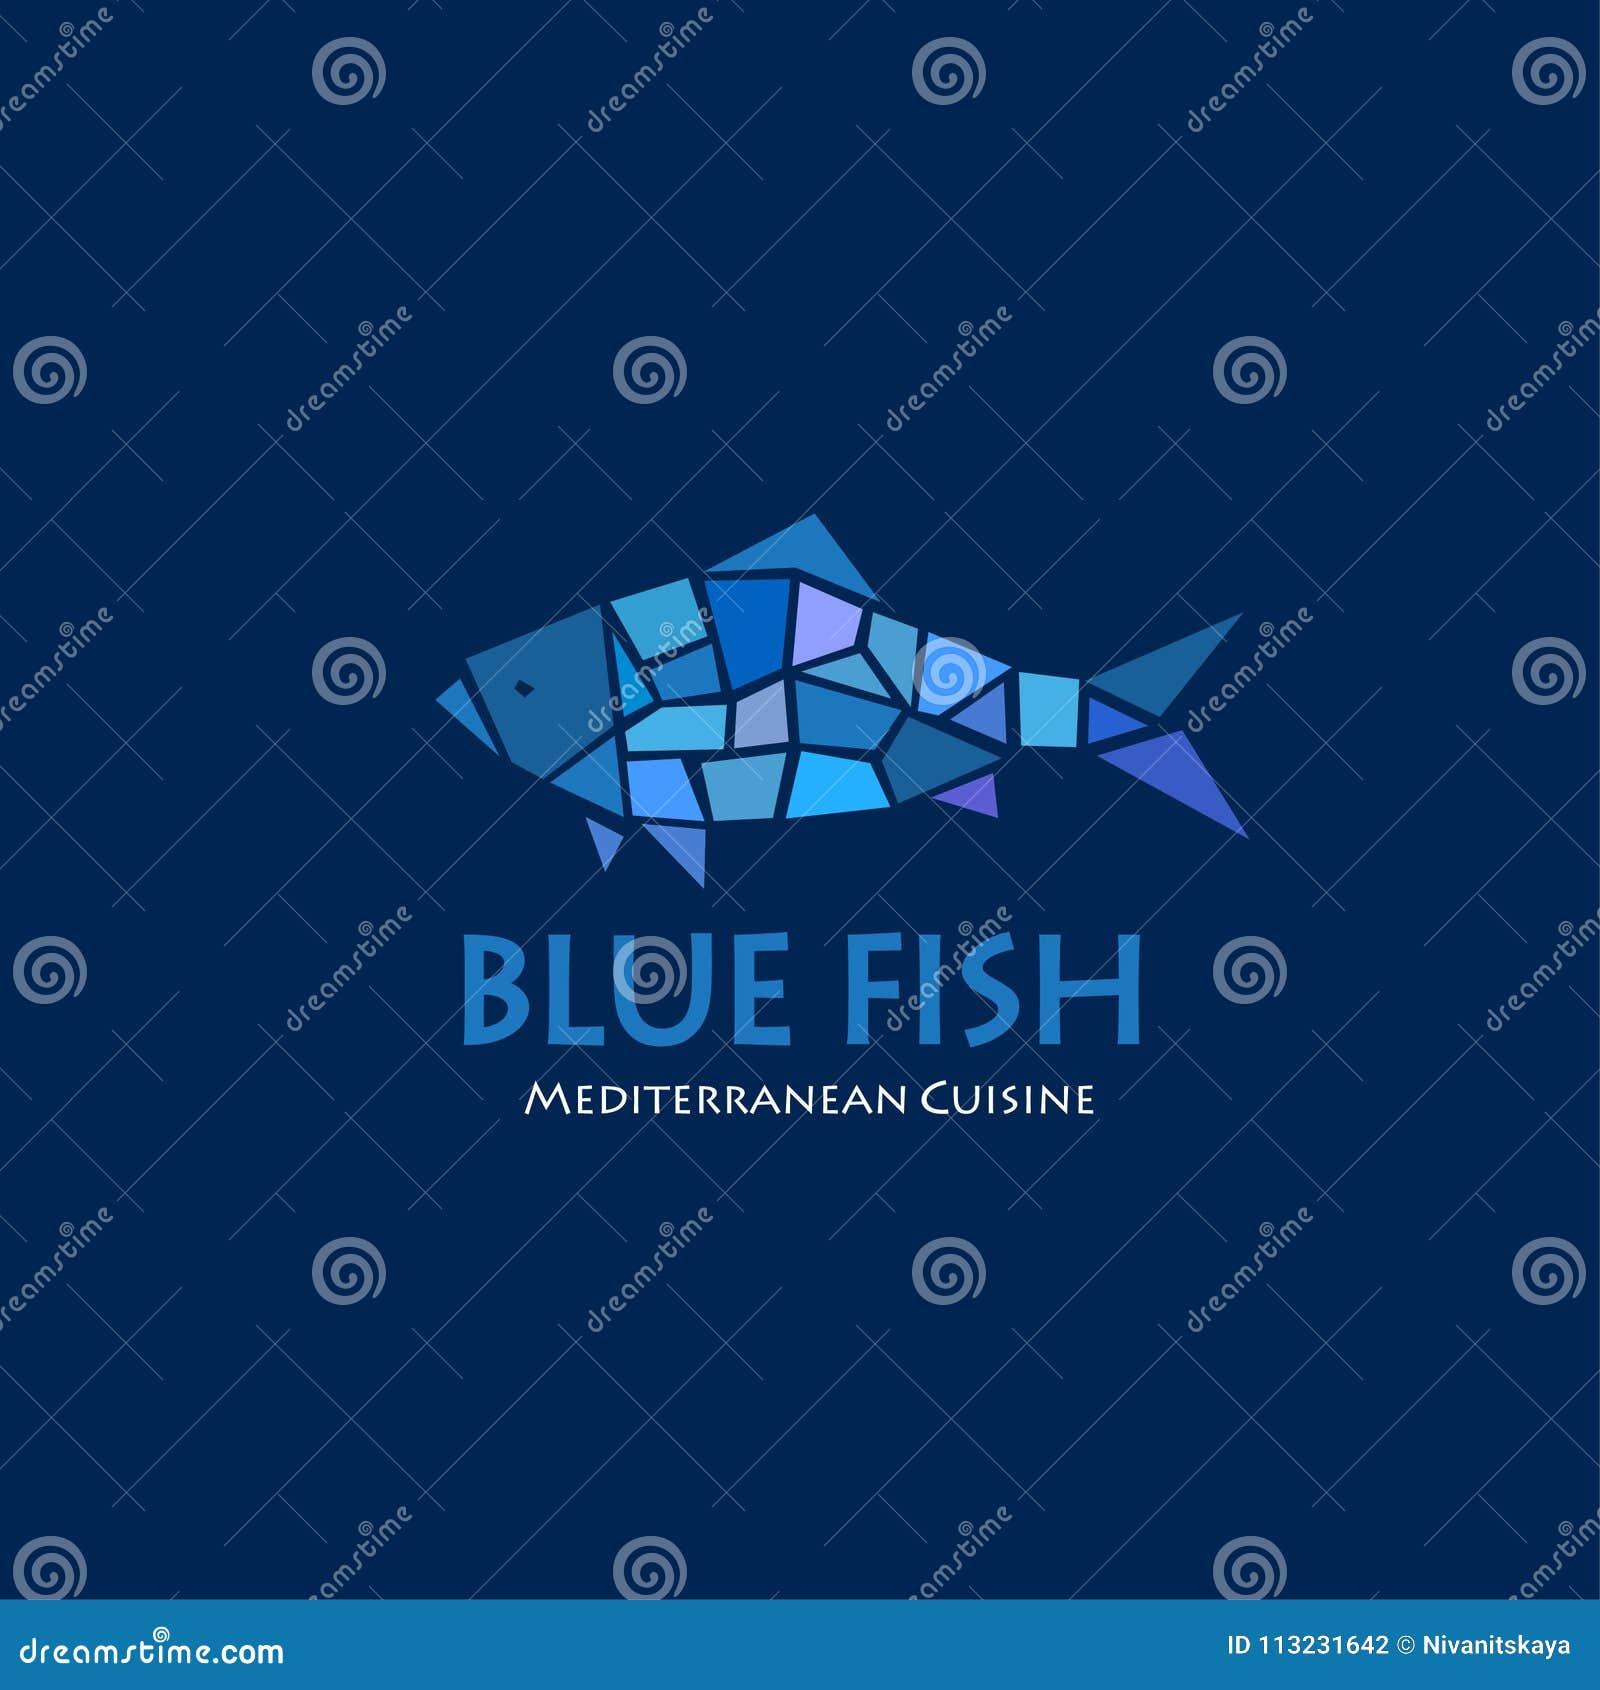 Blue fish logo. Mediterranean cuisine restaurant. Blue fish mosaic on a dark background.